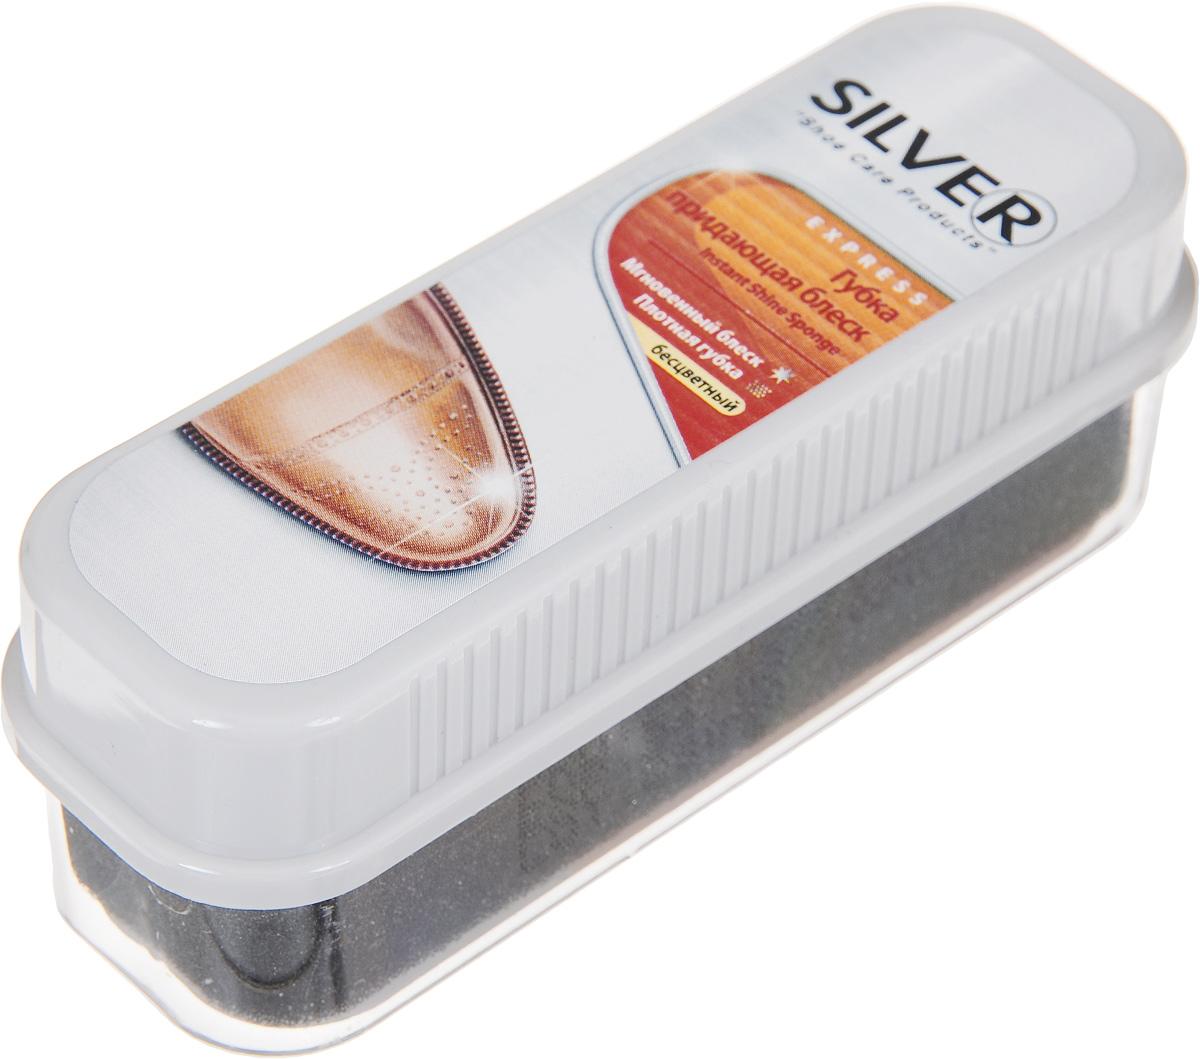 Губка для обуви Silver, придающая блеск, цвет: бесцветный, 12 х 4 х 4 смPS1001-03/B3N30-3Губка Silver с силиконовым маслом и красителем предназначена для ухода за обувью из гладкой кожи, она придает ей естественный блеск и освежает цвет.Состав: силиконовое масло, краситель, парфюмерное масло.Товар сертифицирован.